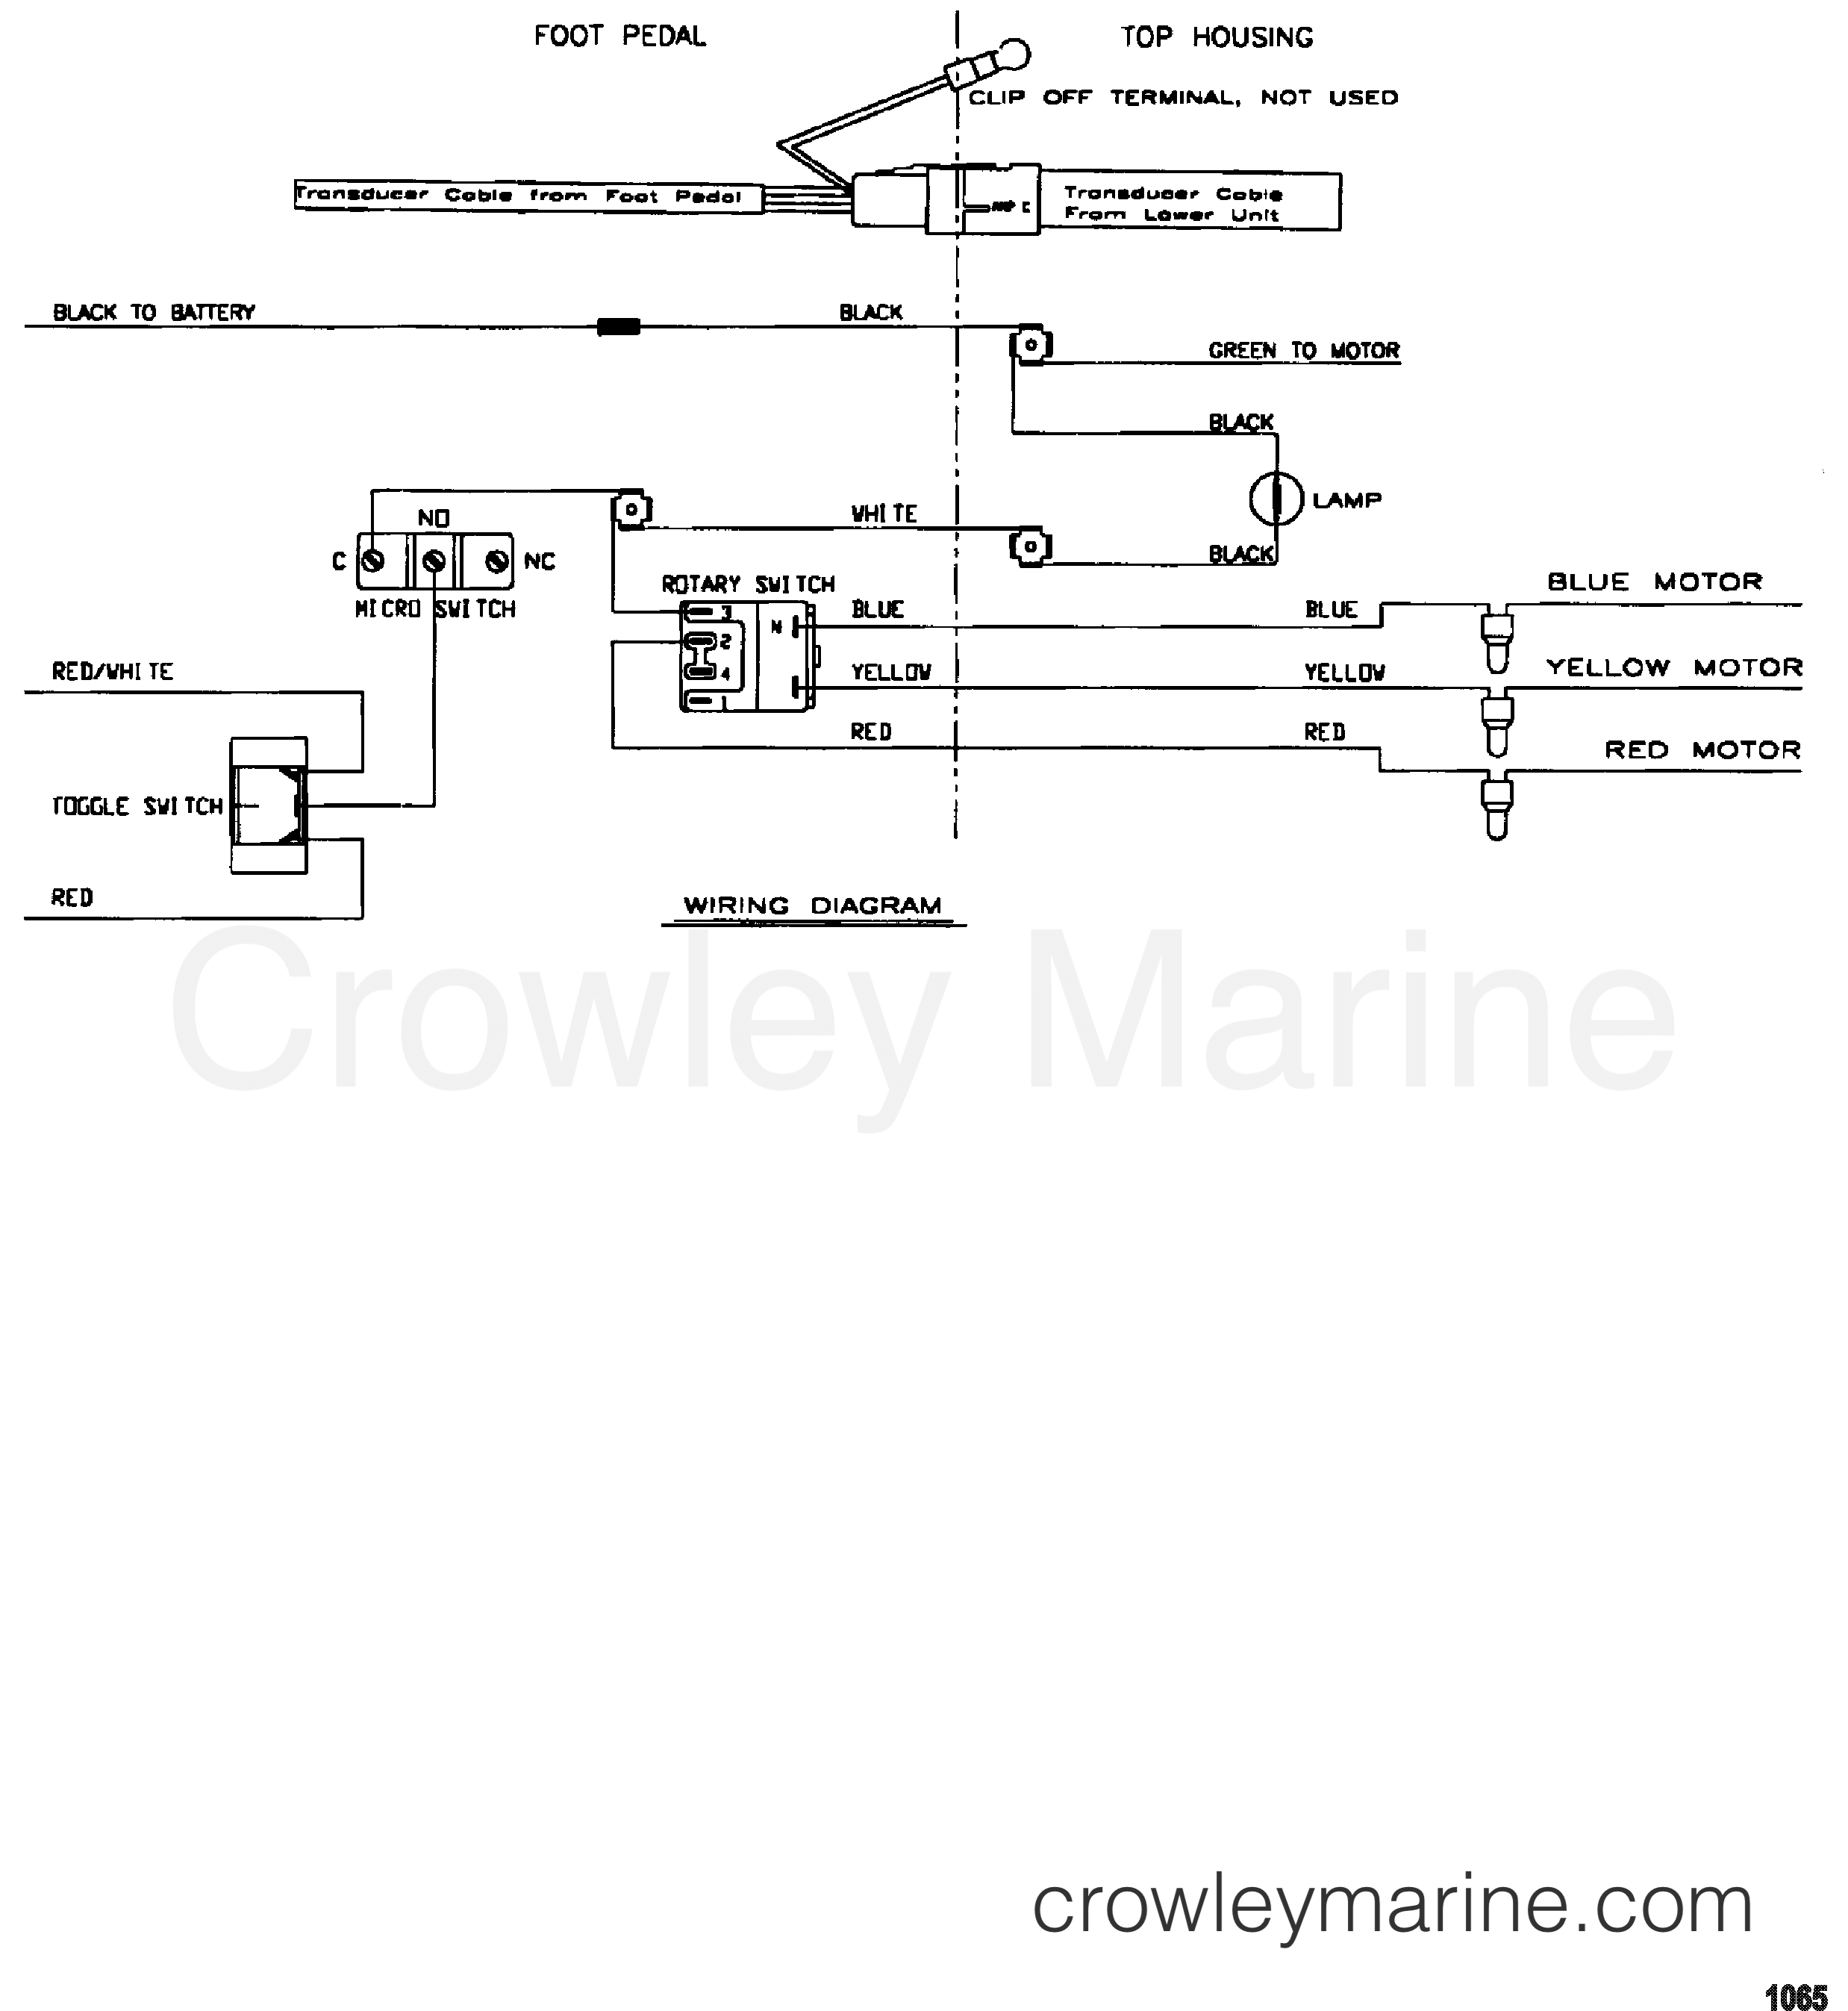 wire diagram model ef67p 24 volt 2003 motorguide 12v motorguide 9de21aqaa crowley marine